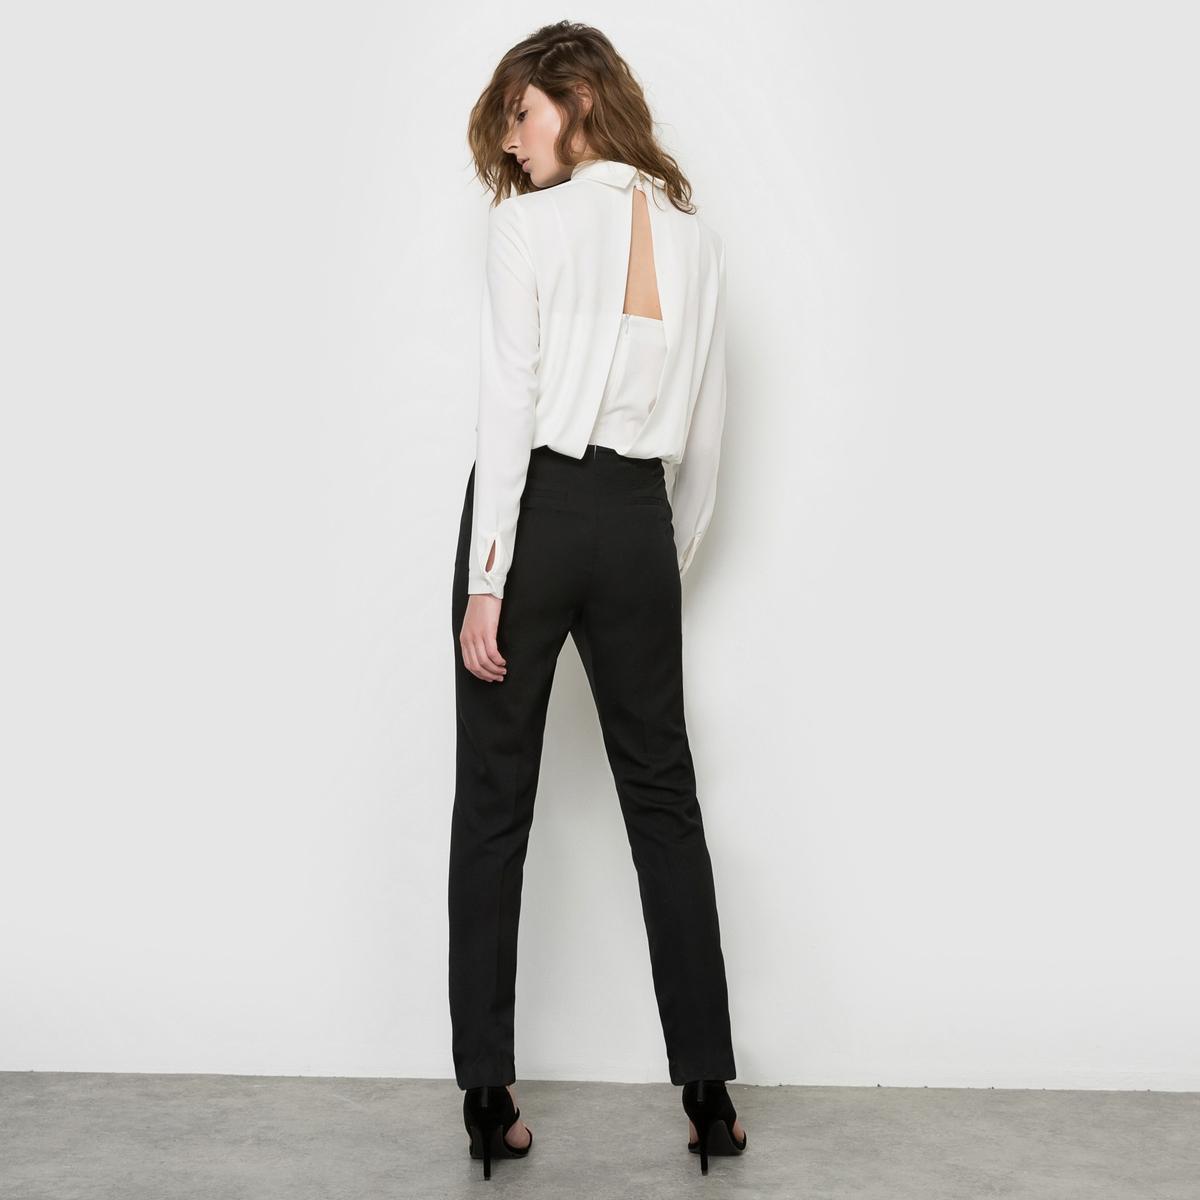 Комбинезон с брюками двухцветный с красивой спинкой